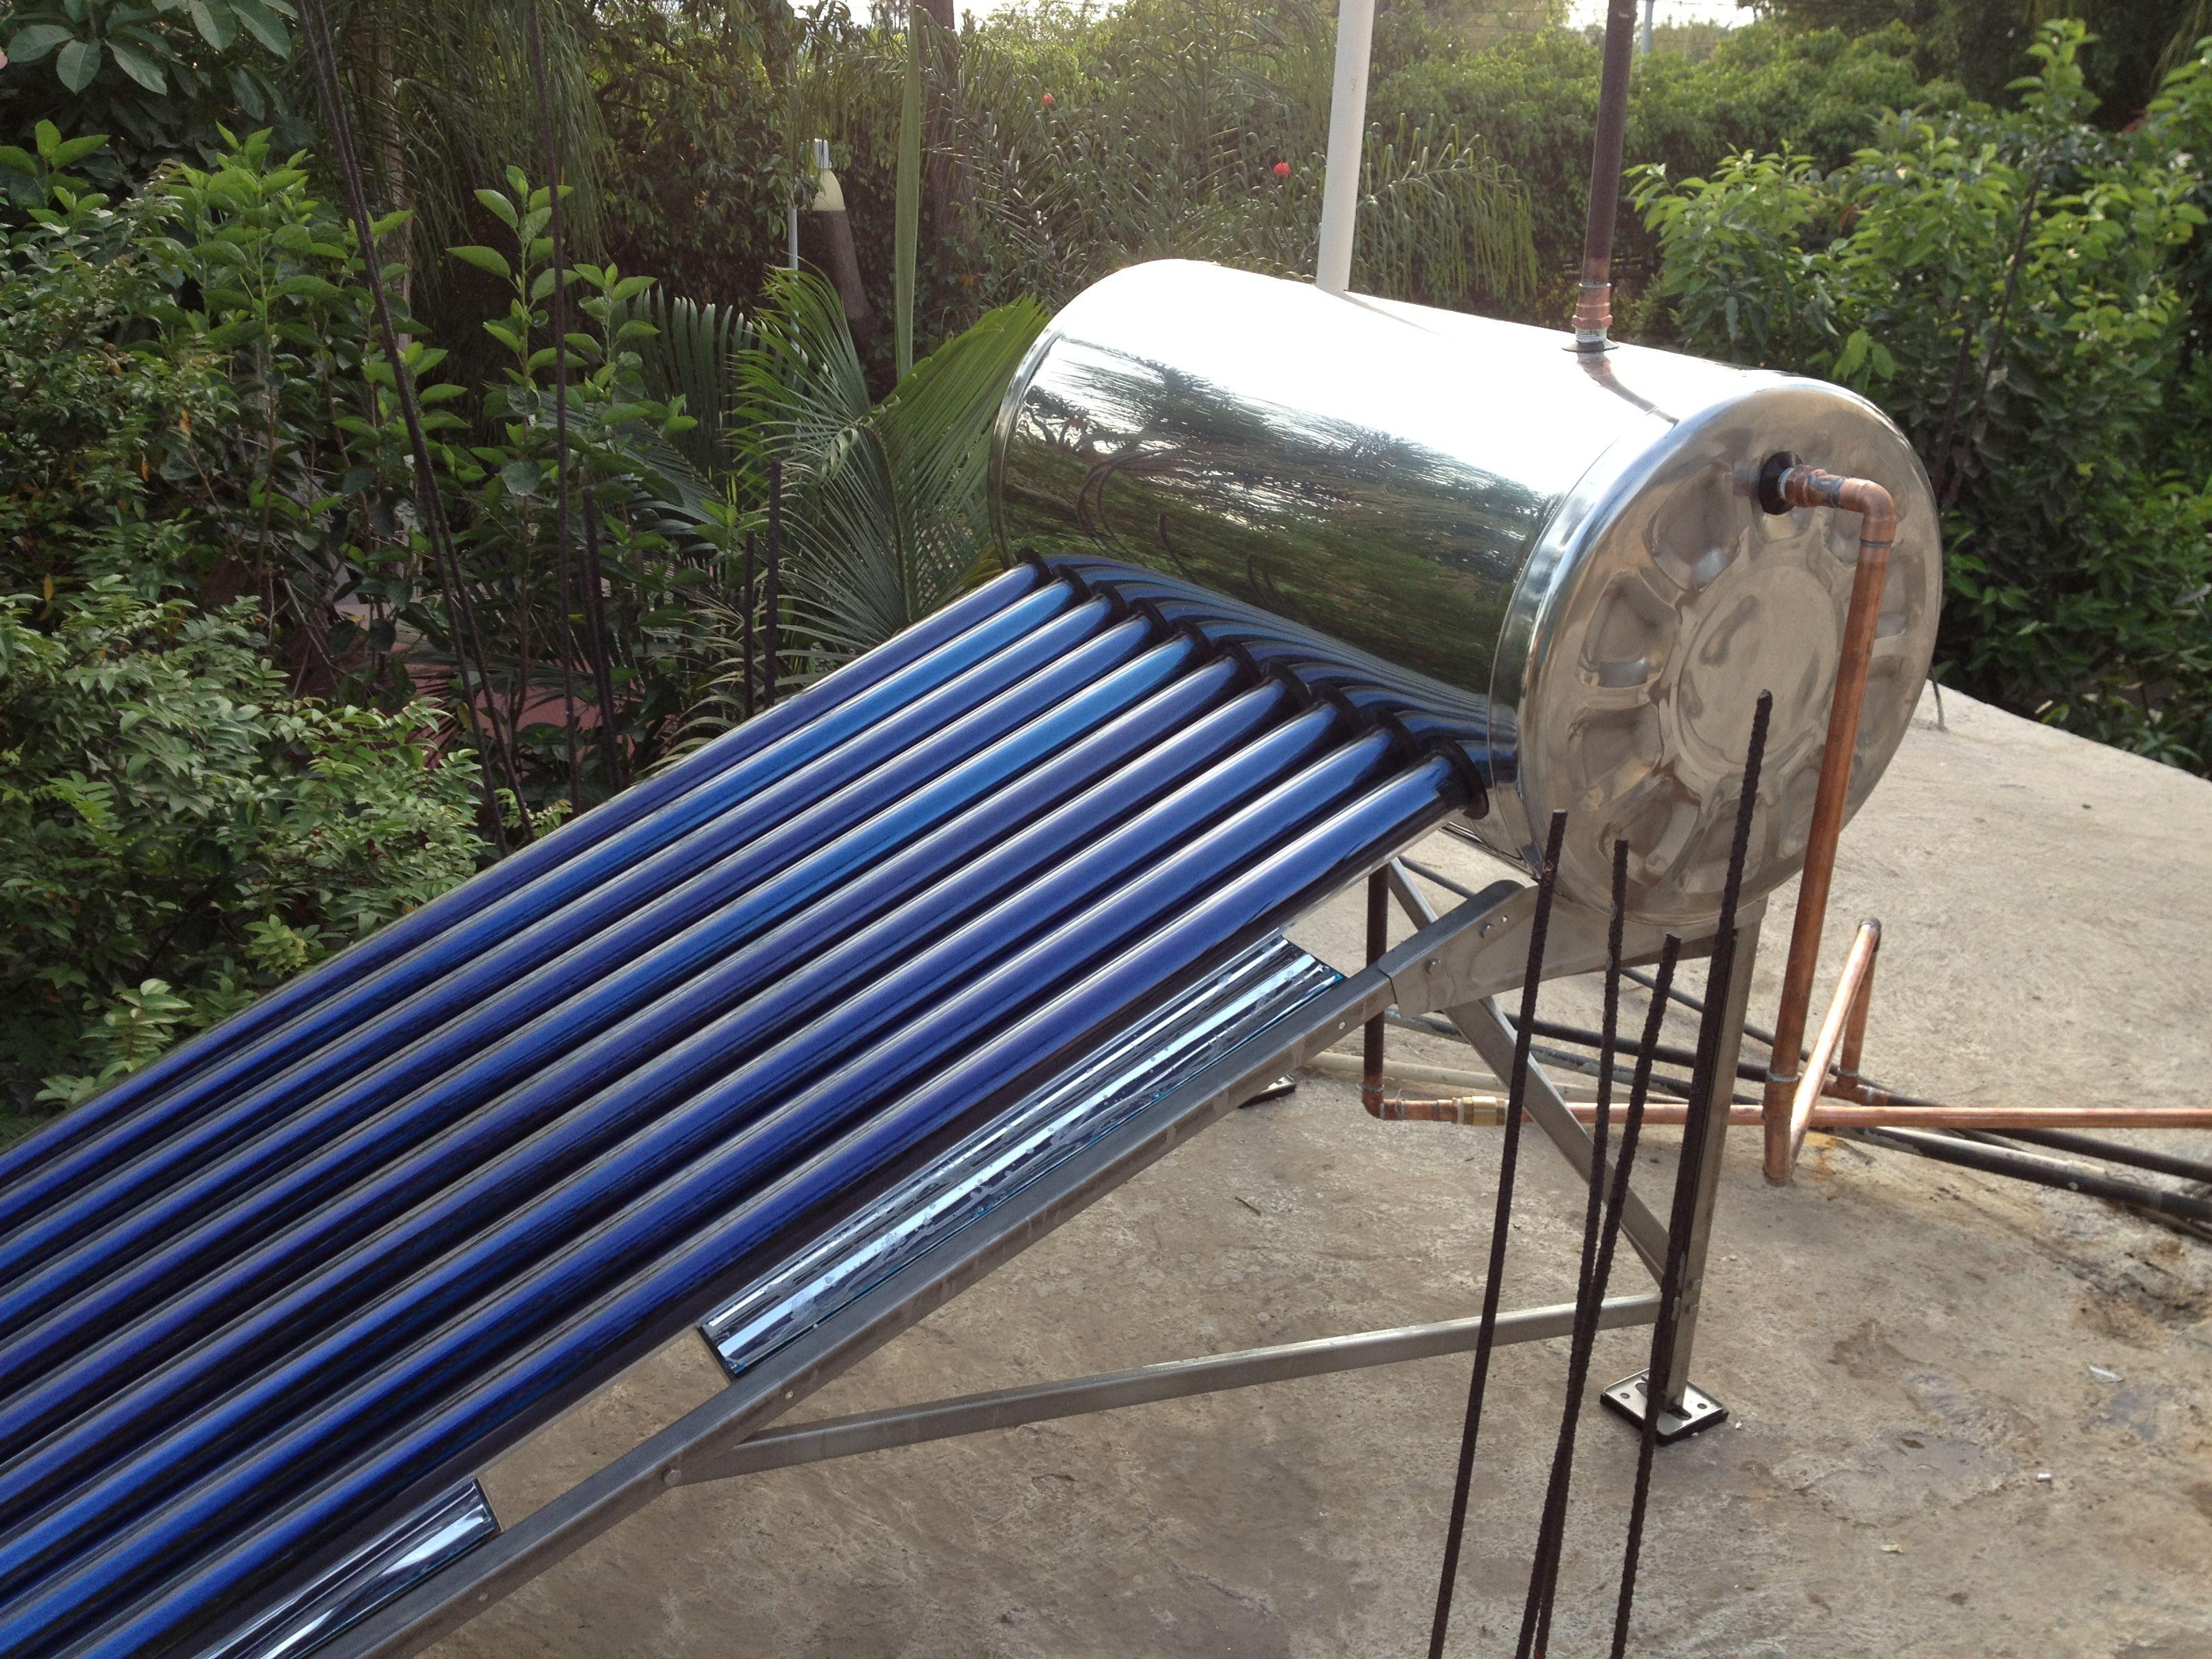 Instalaci n de calentador solar madio ambiente pinterest for Calentador solar piscina casero